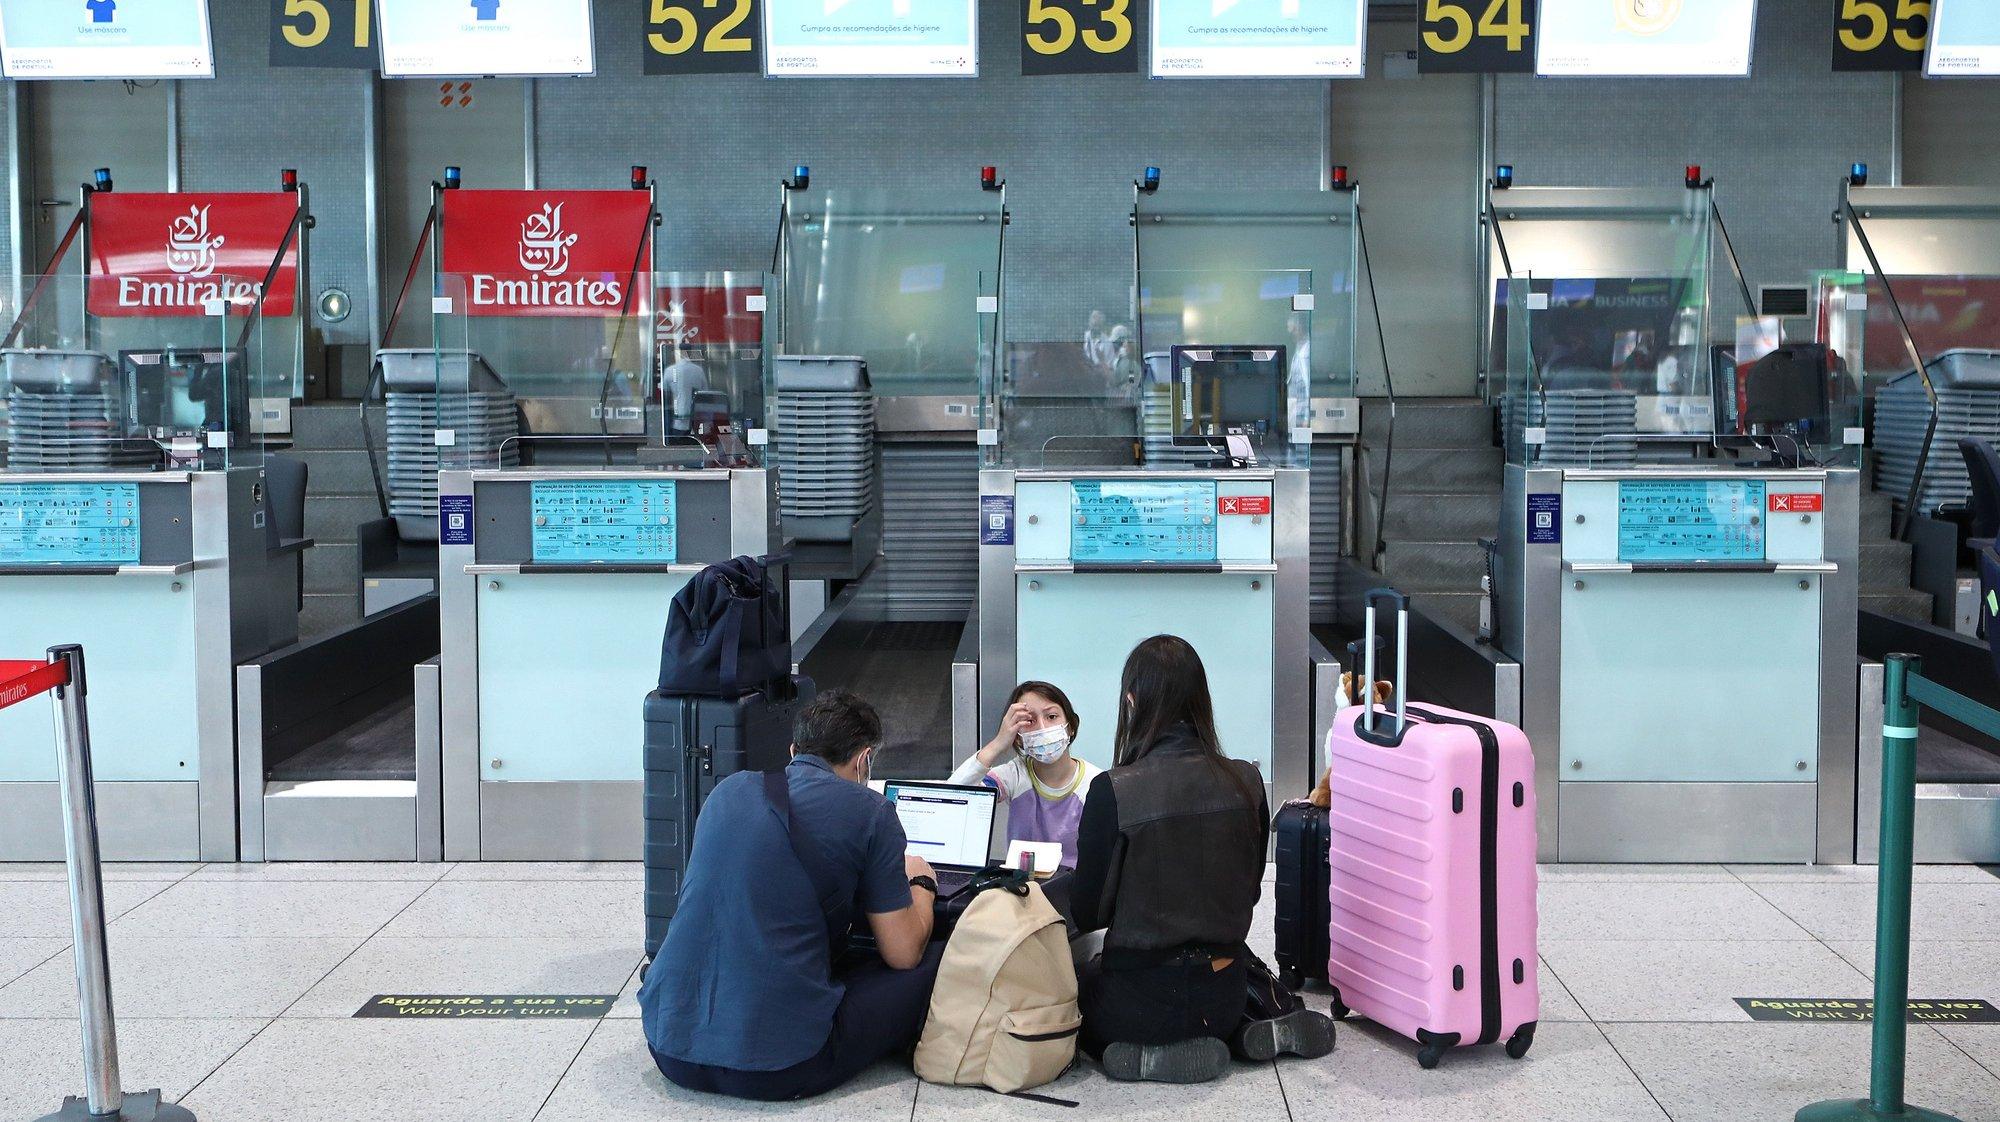 """Passageiros aguardam a sua vez para efetuar o check-in no aeroporto Humberto Delgado, no dia da entrada em vigor do certificado sanitário europeu, em Lisboa, 01 de julho de 2021. Este 'livre-trânsito' facilita a livre circulação na União Europeia no contexto da pandemia, sendo considerado um elemento fundamental para ajudar à recuperação económica da Europa no contexto da crise pandémica, designadamente para que o """"turismo possa ser uma fonte de reanimação da economia este verão"""". ANTÓNIO PEDRO SANTOS/LUSA"""